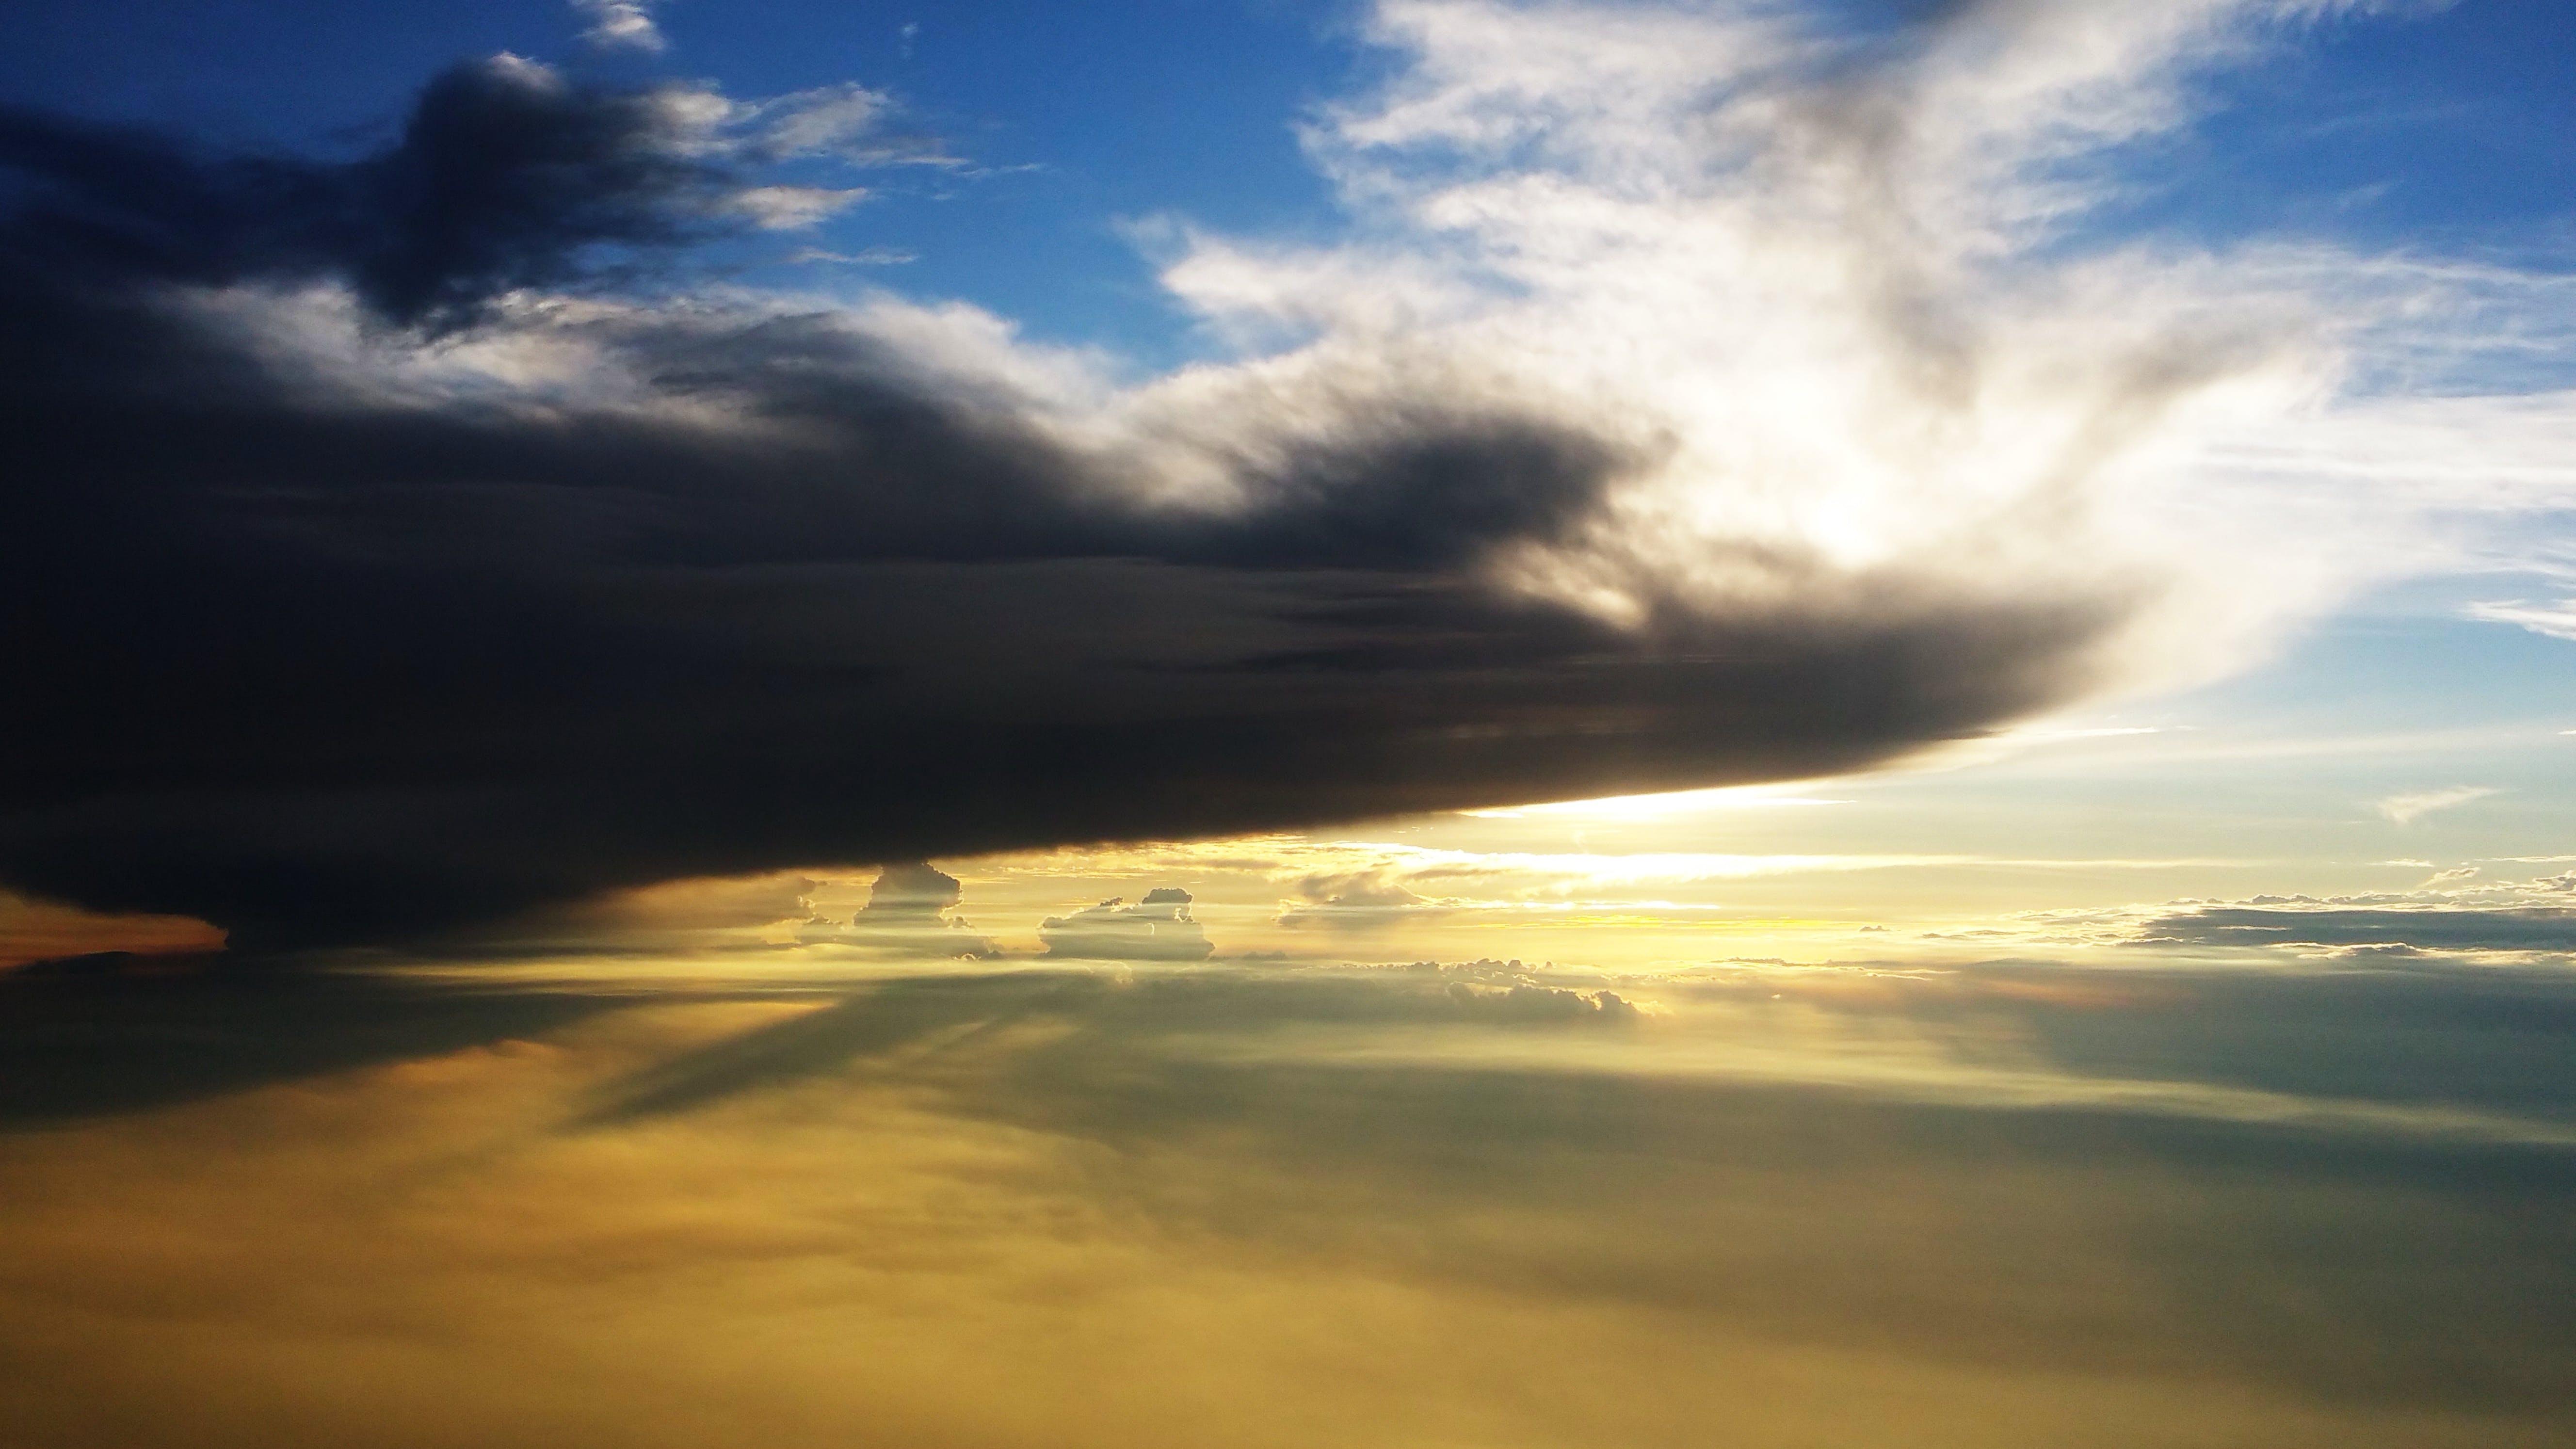 Ingyenes stockfotó a felhők felett, drámai, ég, felhőforma témában